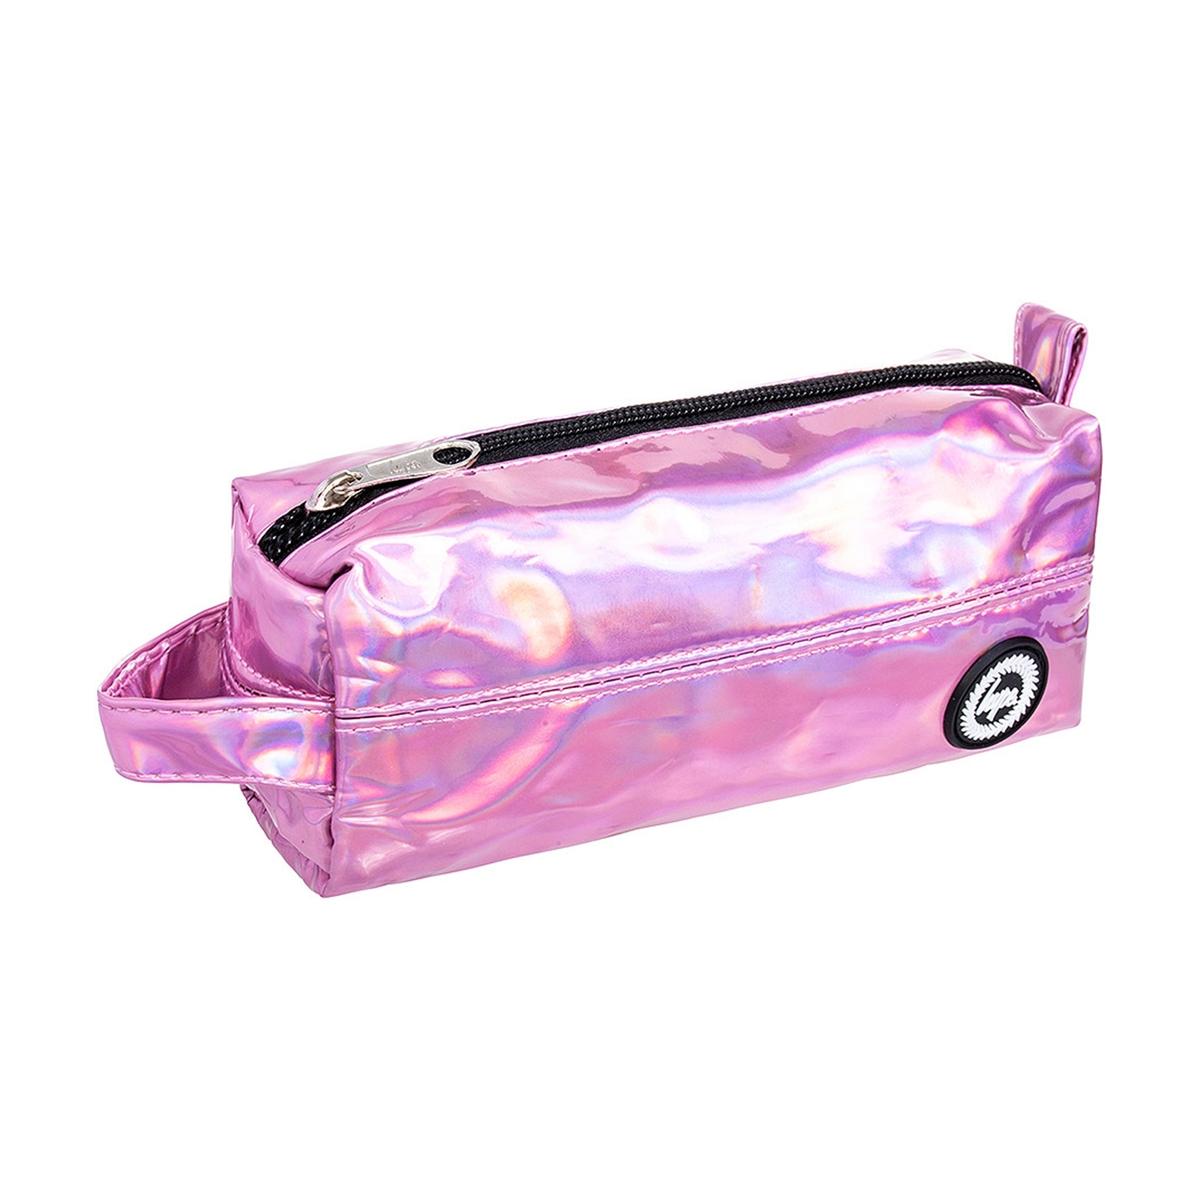 Пенал школьный HOLOGRAPHIC PENCIL CASE пенал school pencil case multi cute pencil case